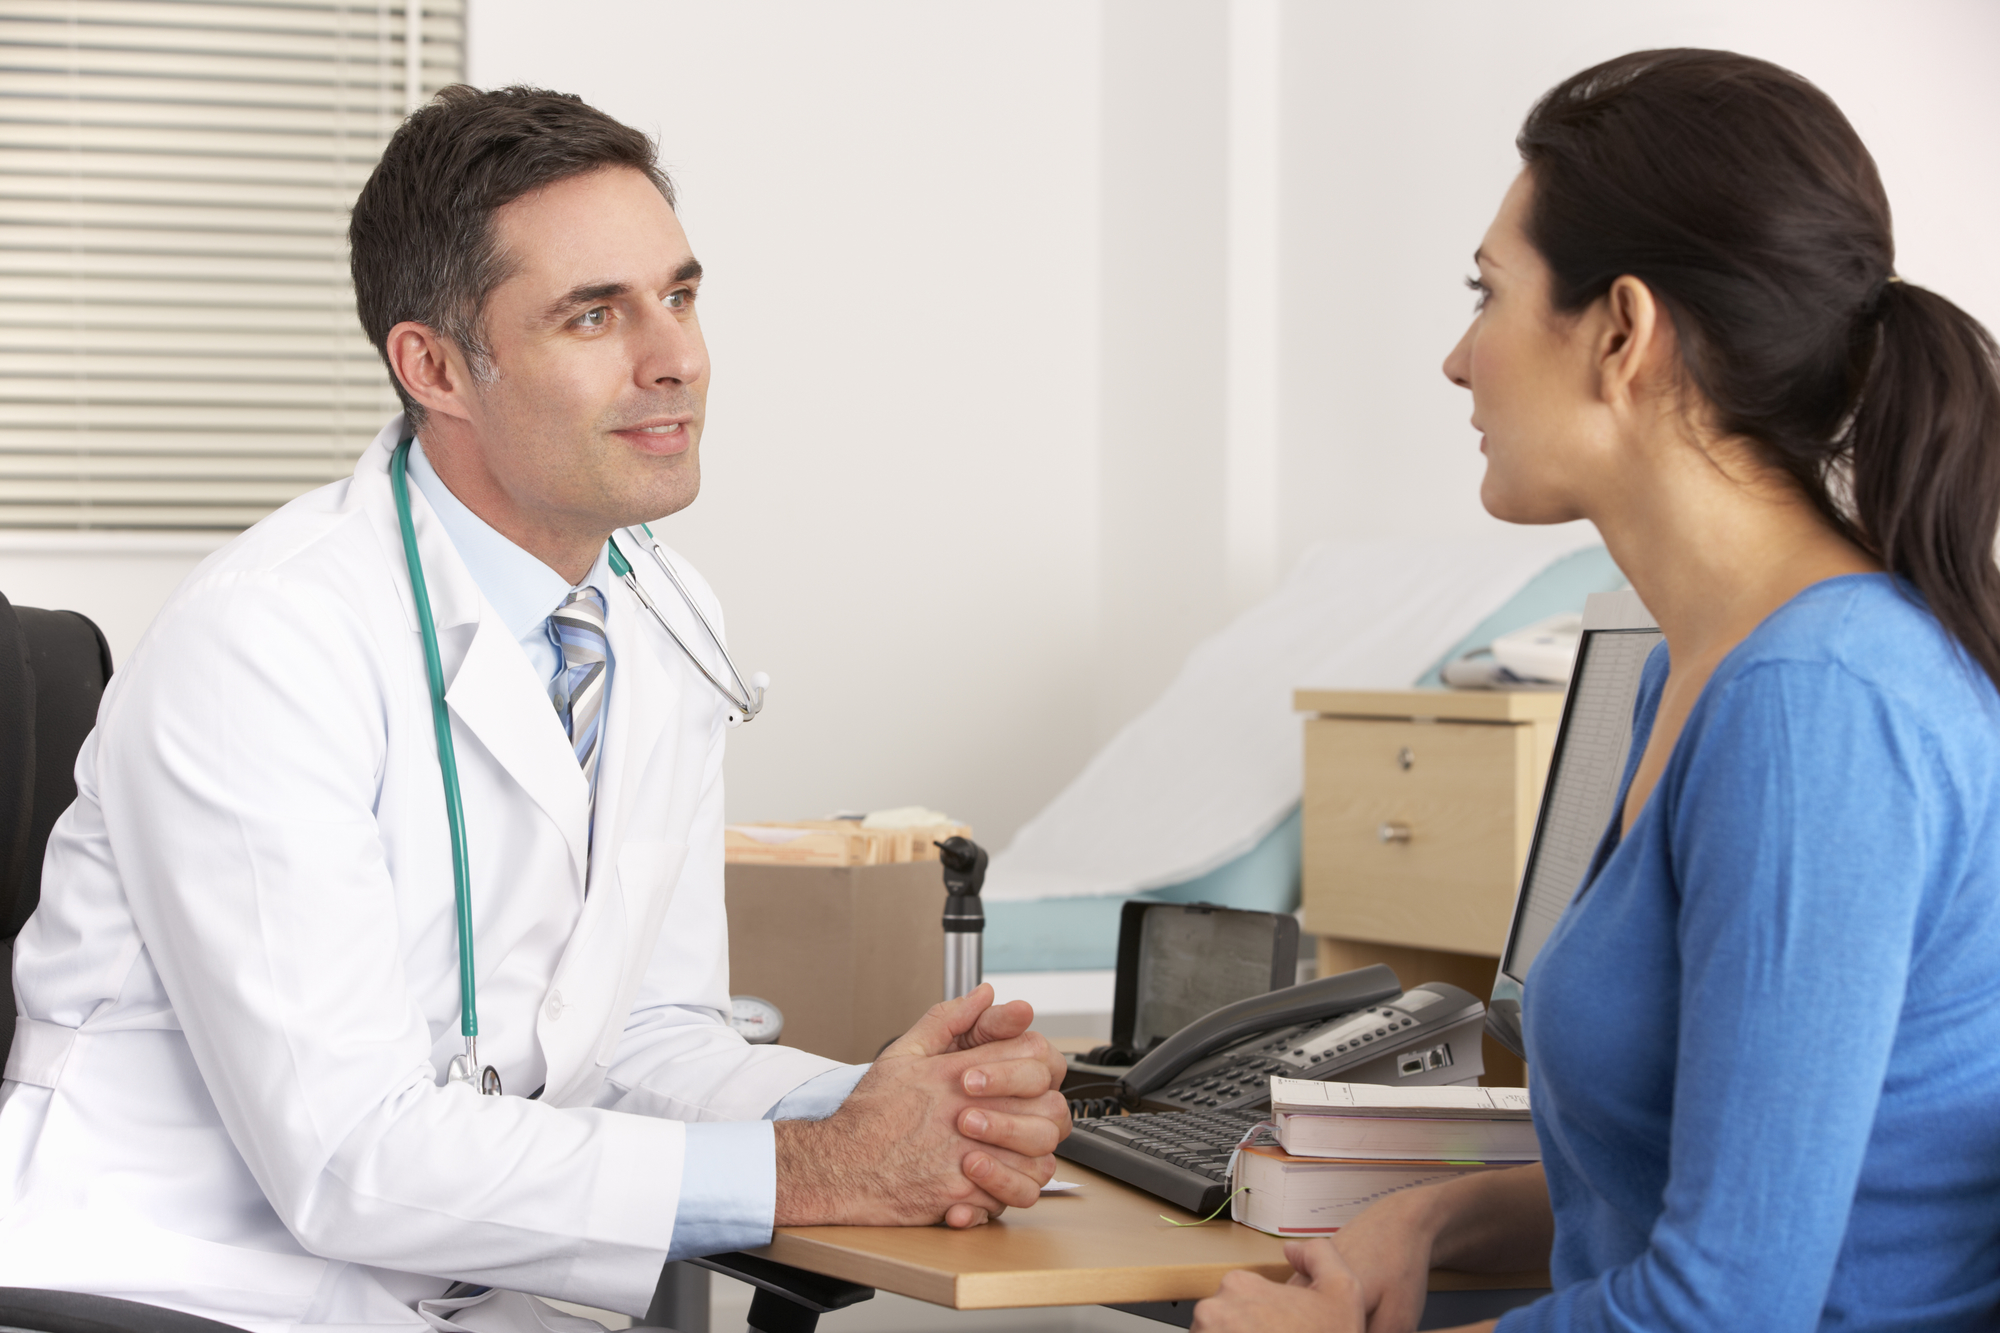 stress-incontinence-medical-center-urology